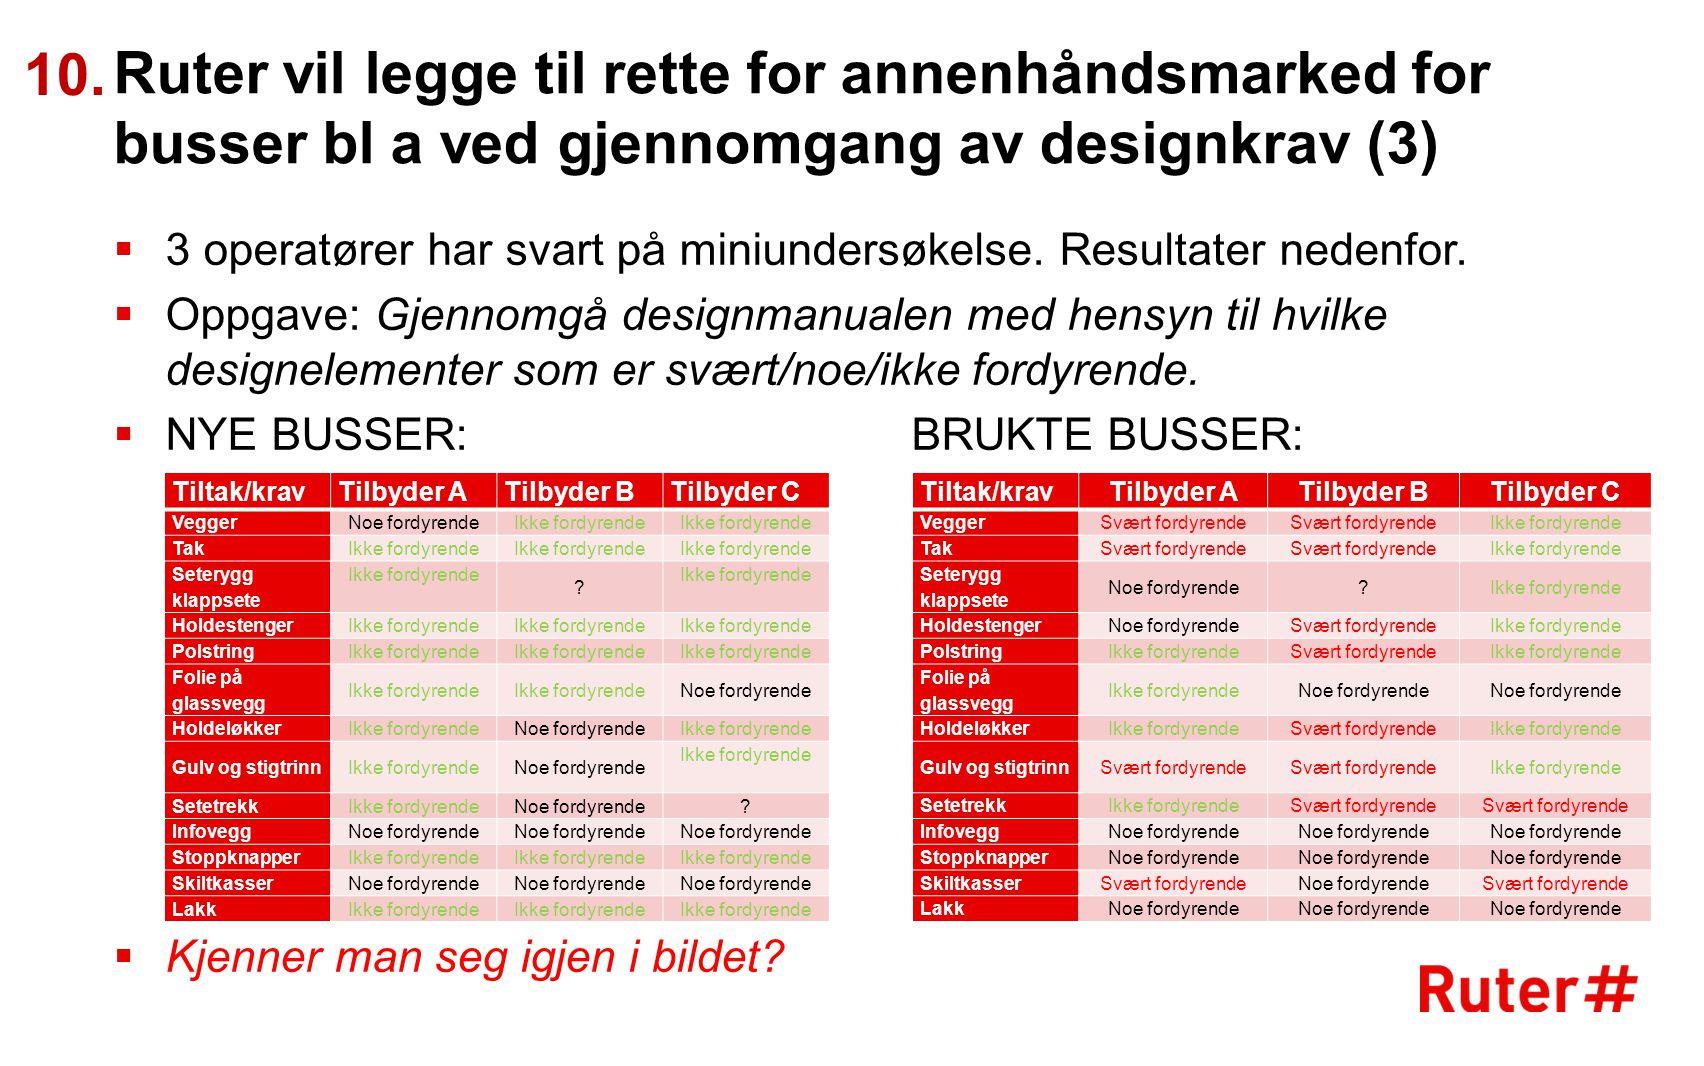 10. Ruter vil legge til rette for annenhåndsmarked for busser bl a ved gjennomgang av designkrav (3)